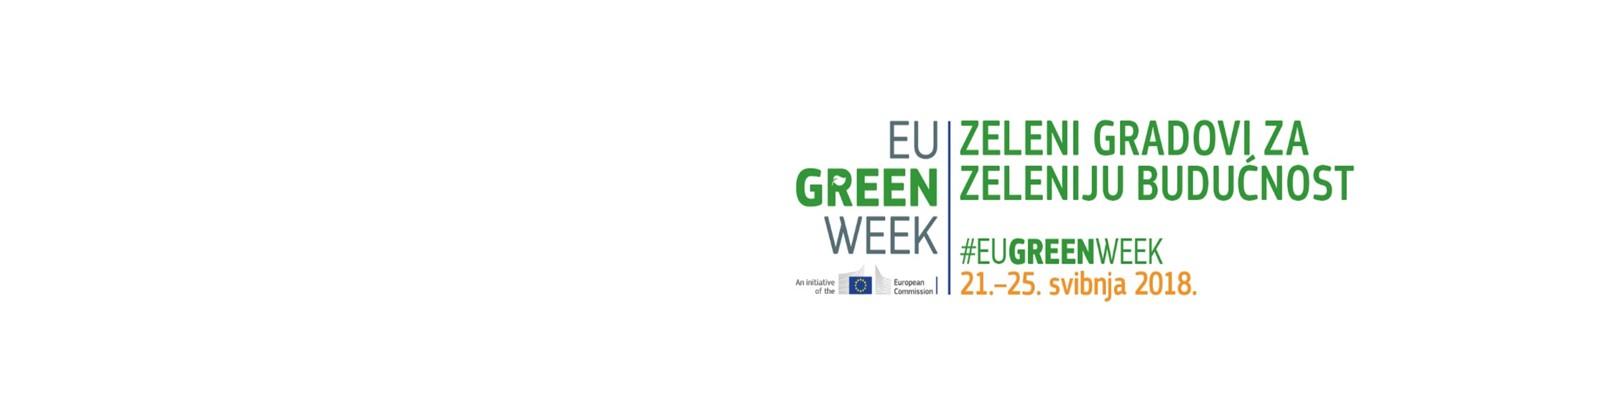 EU Zeleni tjedan Rijeka